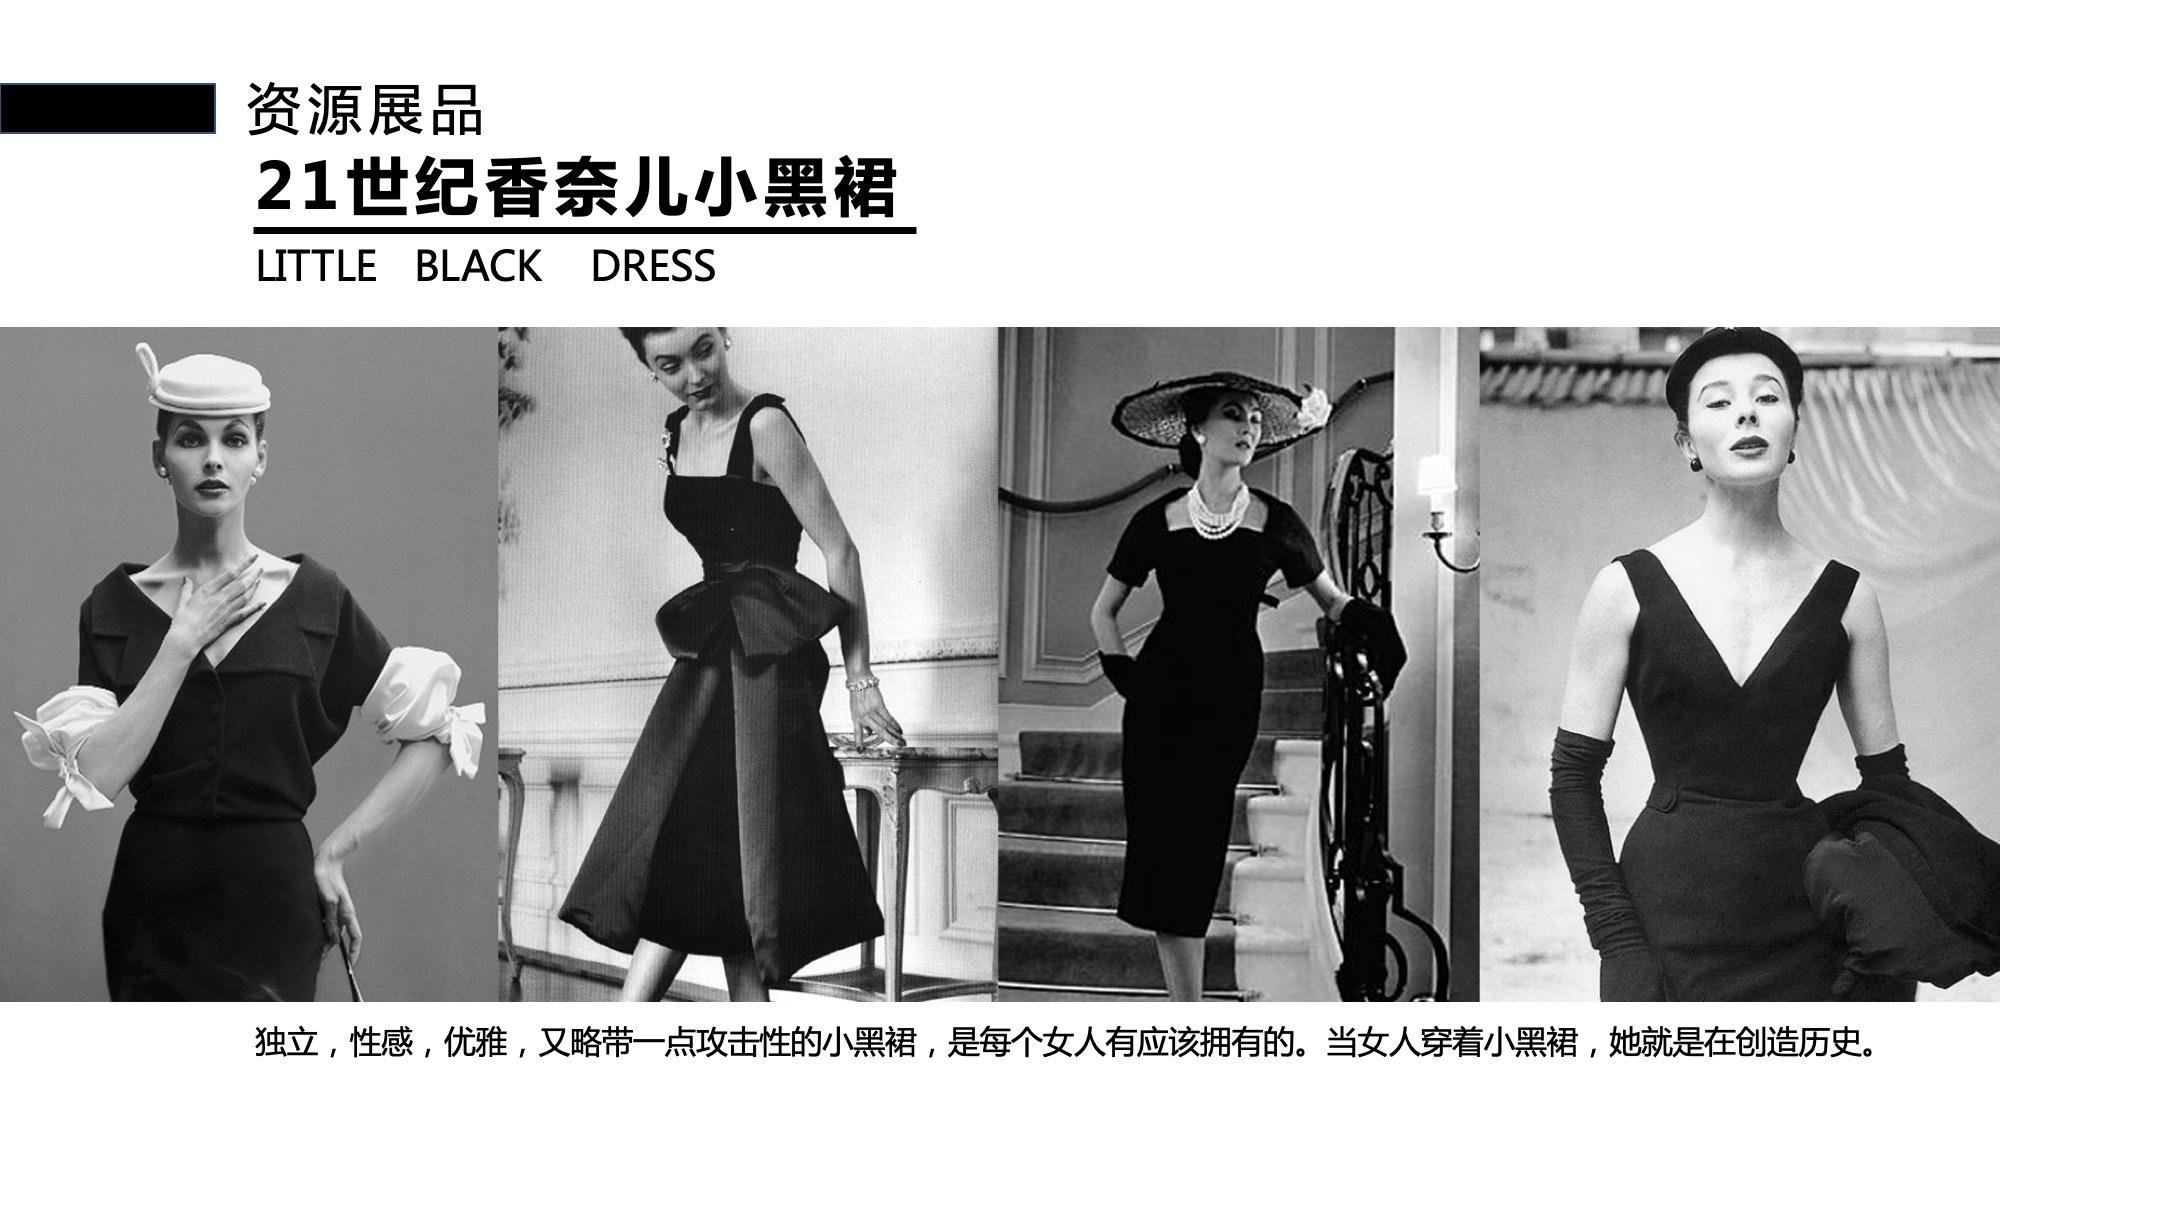 香奈儿小黑裙艺术时尚展《觉醒之旅》